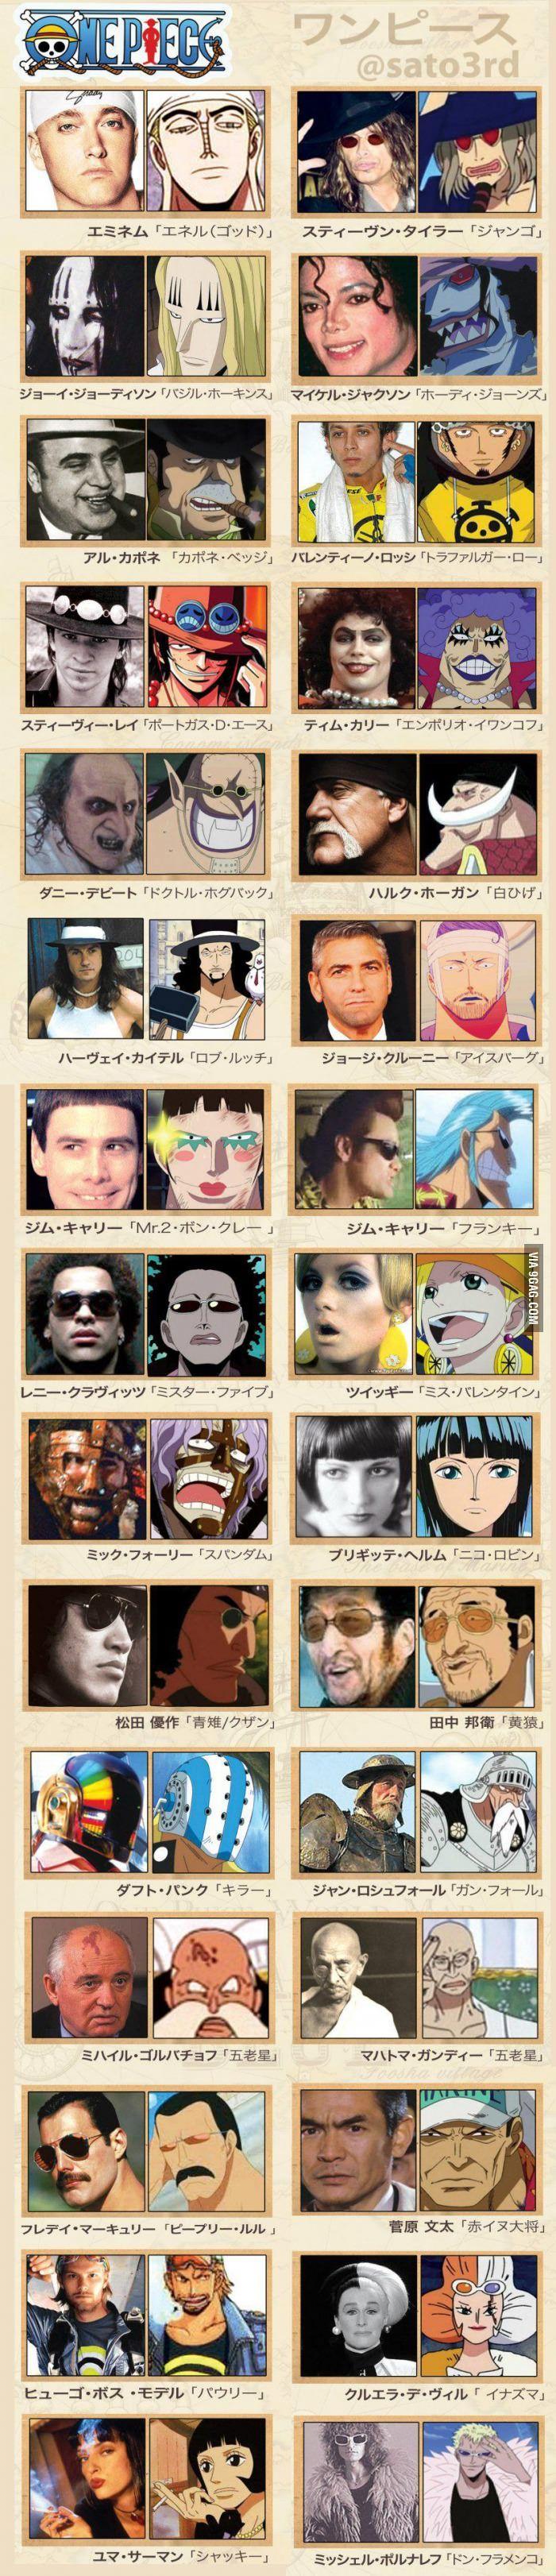 30 personnages de One Piece… dans la vraie vie | Kana